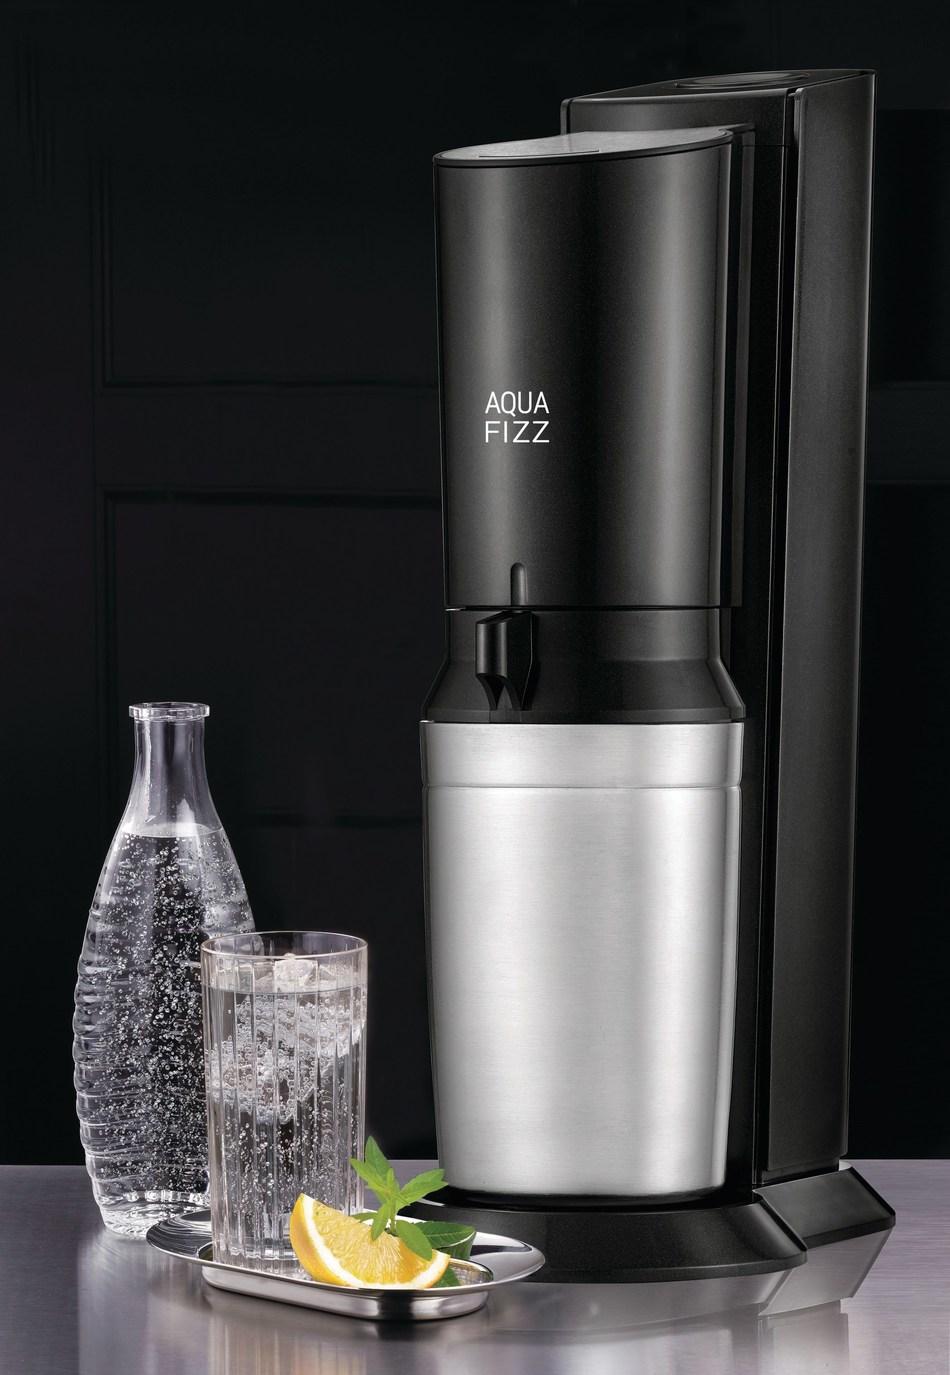 Sodastream unveils new luxury sparkling water brand